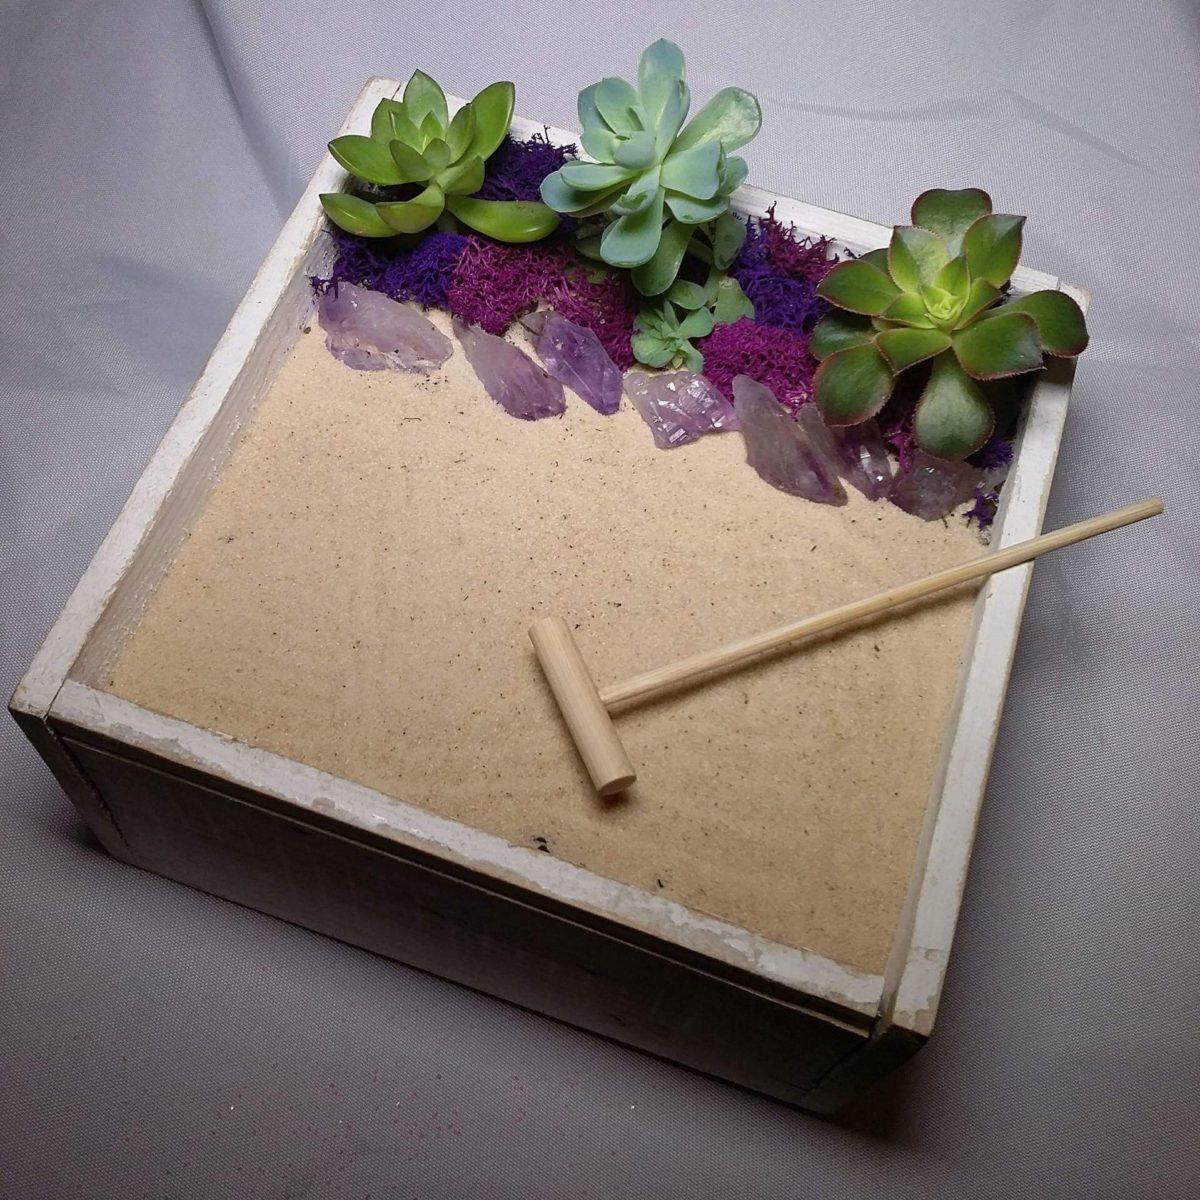 giardino-zen-fai-da-te-fiori